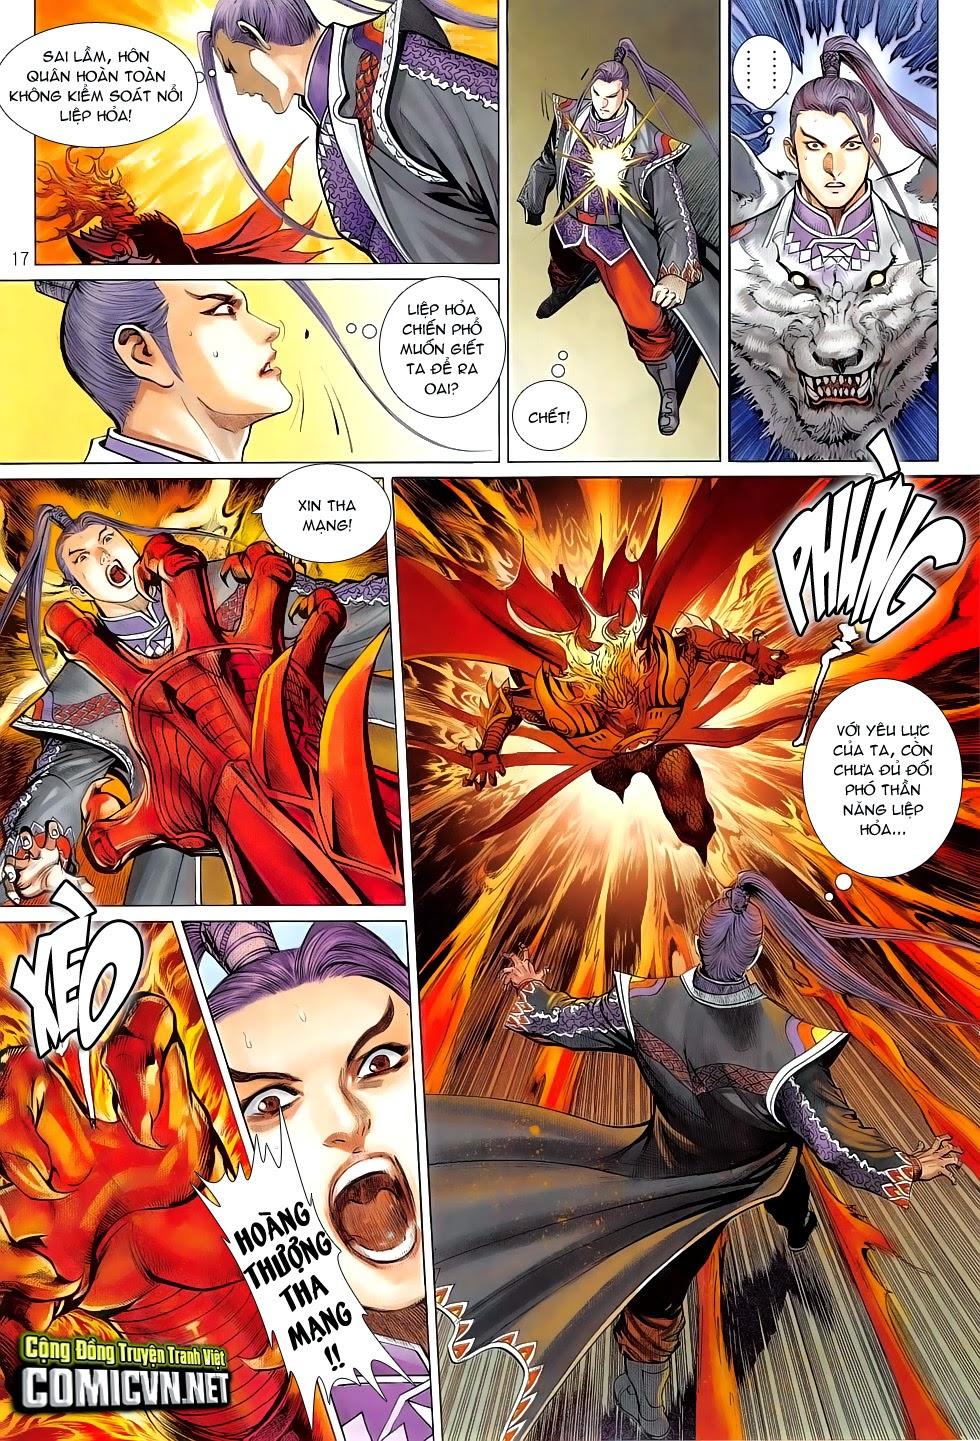 Chiến Phổ chapter 4: mị hồ ngự hỏa trang 16